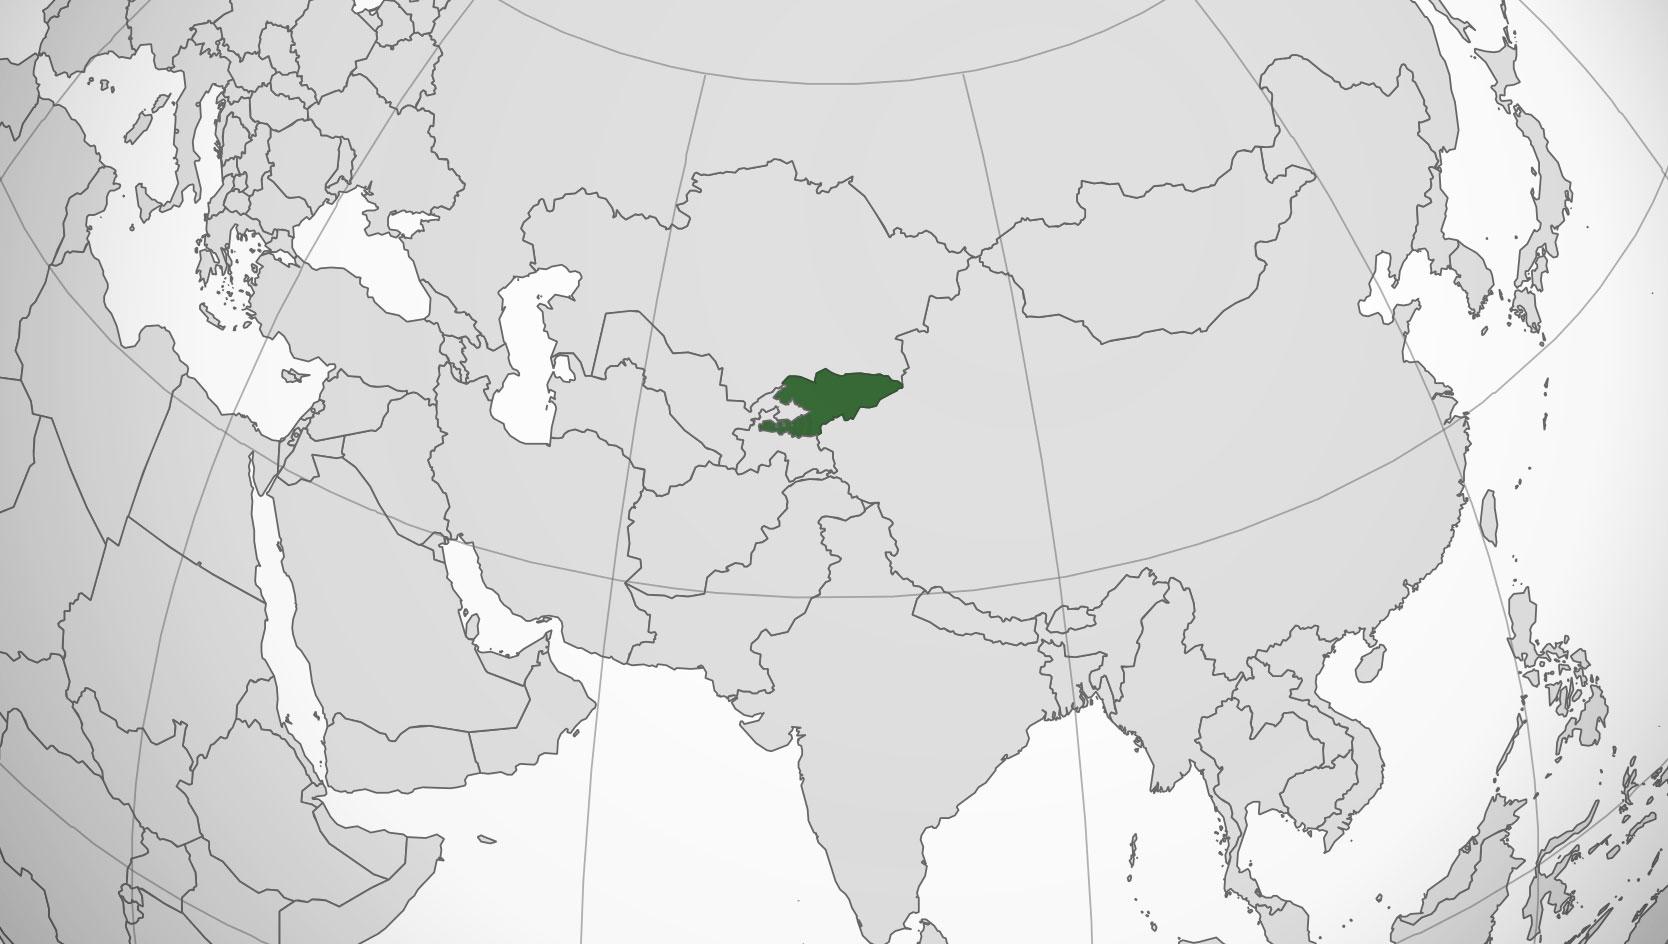 Localización geográfica de Kirguistán